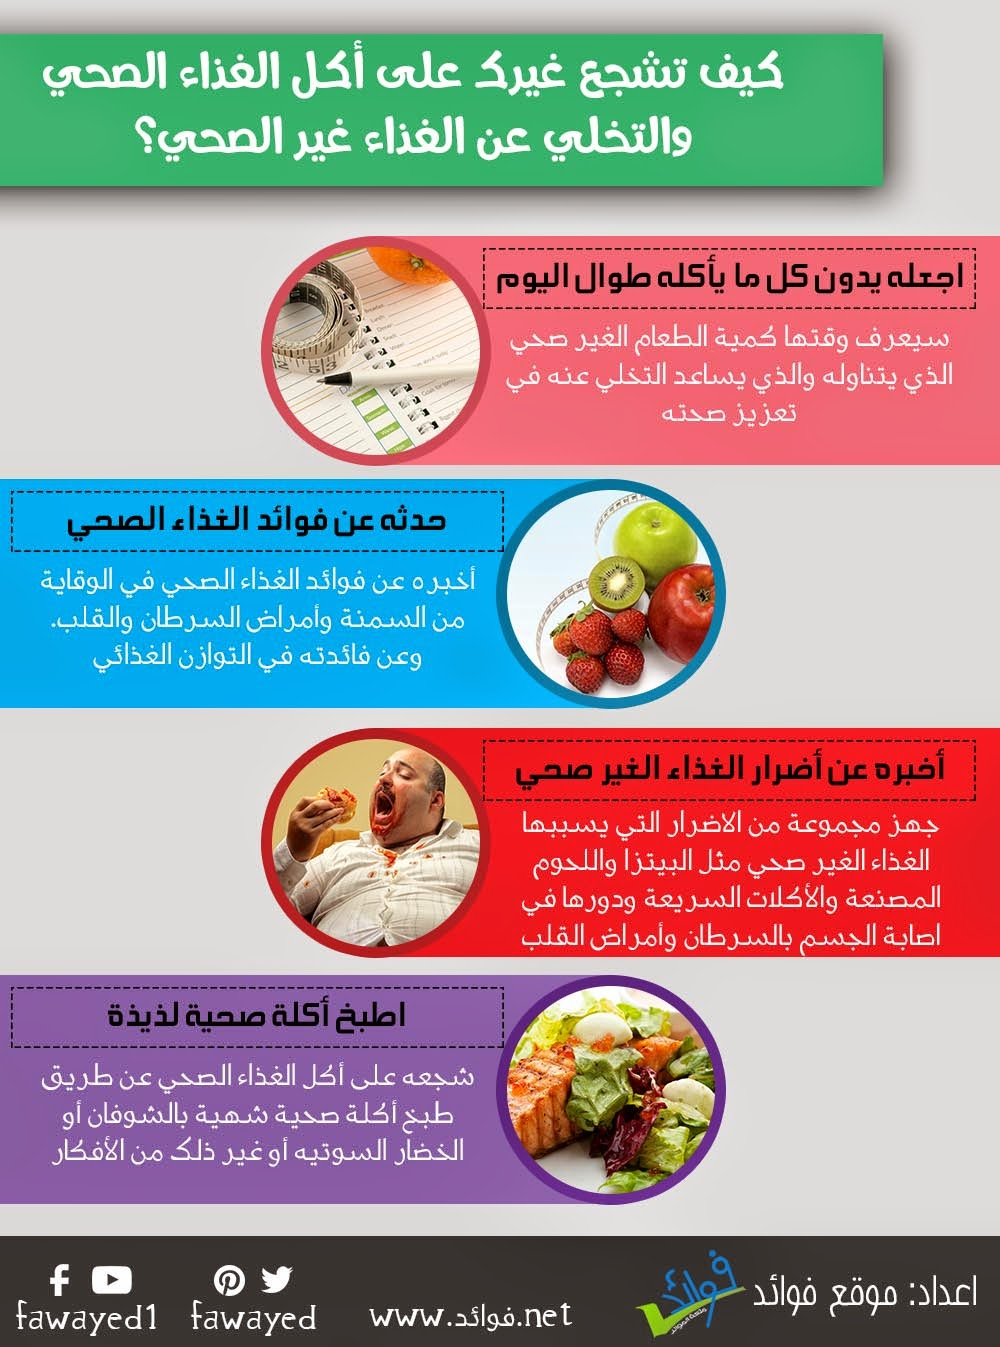 الغذاء الصحي والغذاء الغير صحي